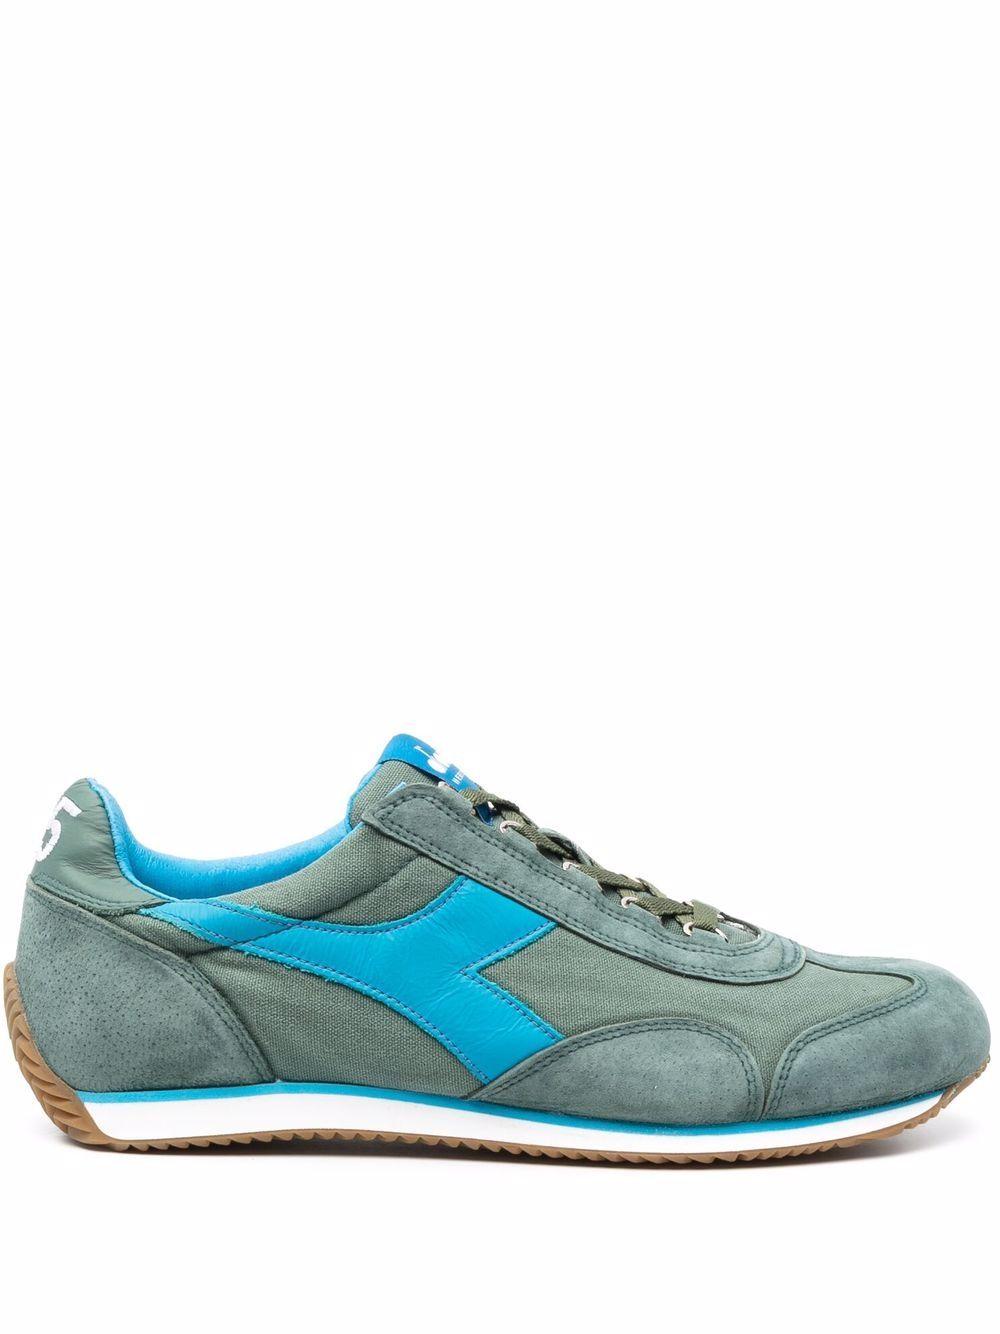 Diadora sneakers equipe h uomo DIADORA   Sneakers   201.17473570153